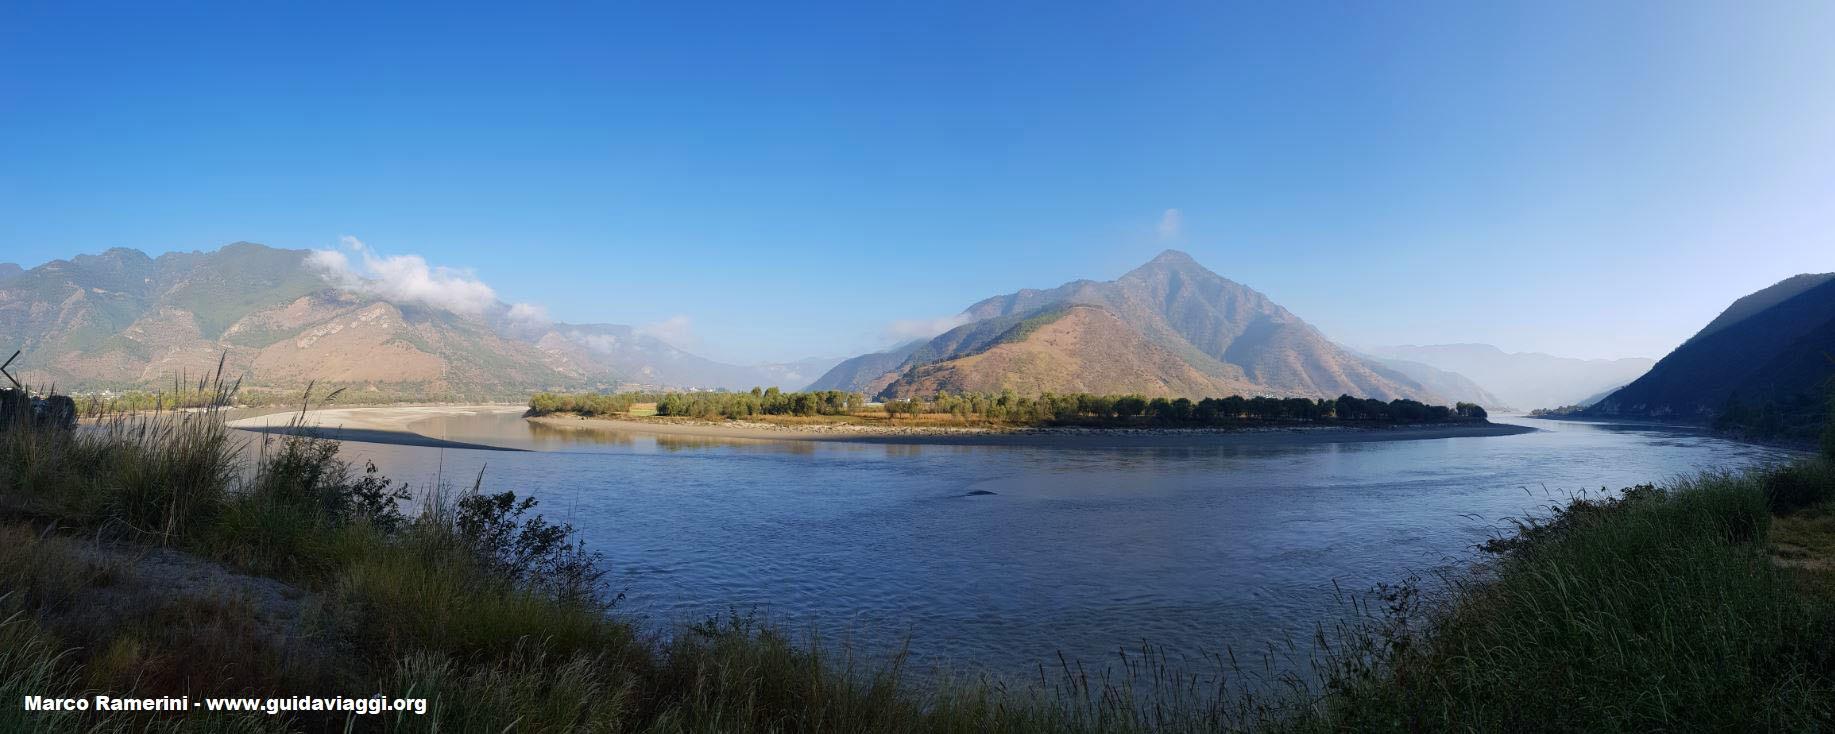 I paesaggi naturali sono tra le attrazioni turistiche dello Yunnan, qui l'ansa dello Yangtze (Fiume Azzurro), Shigu, Yunnan, Cina. Autore e Copyright Marco Ramerini